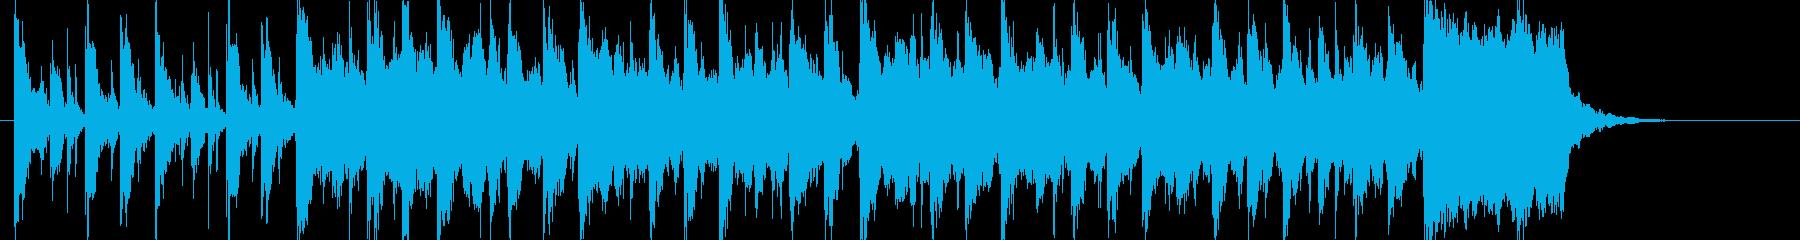 ちょっと奇妙でコミカルな登場シーンの再生済みの波形